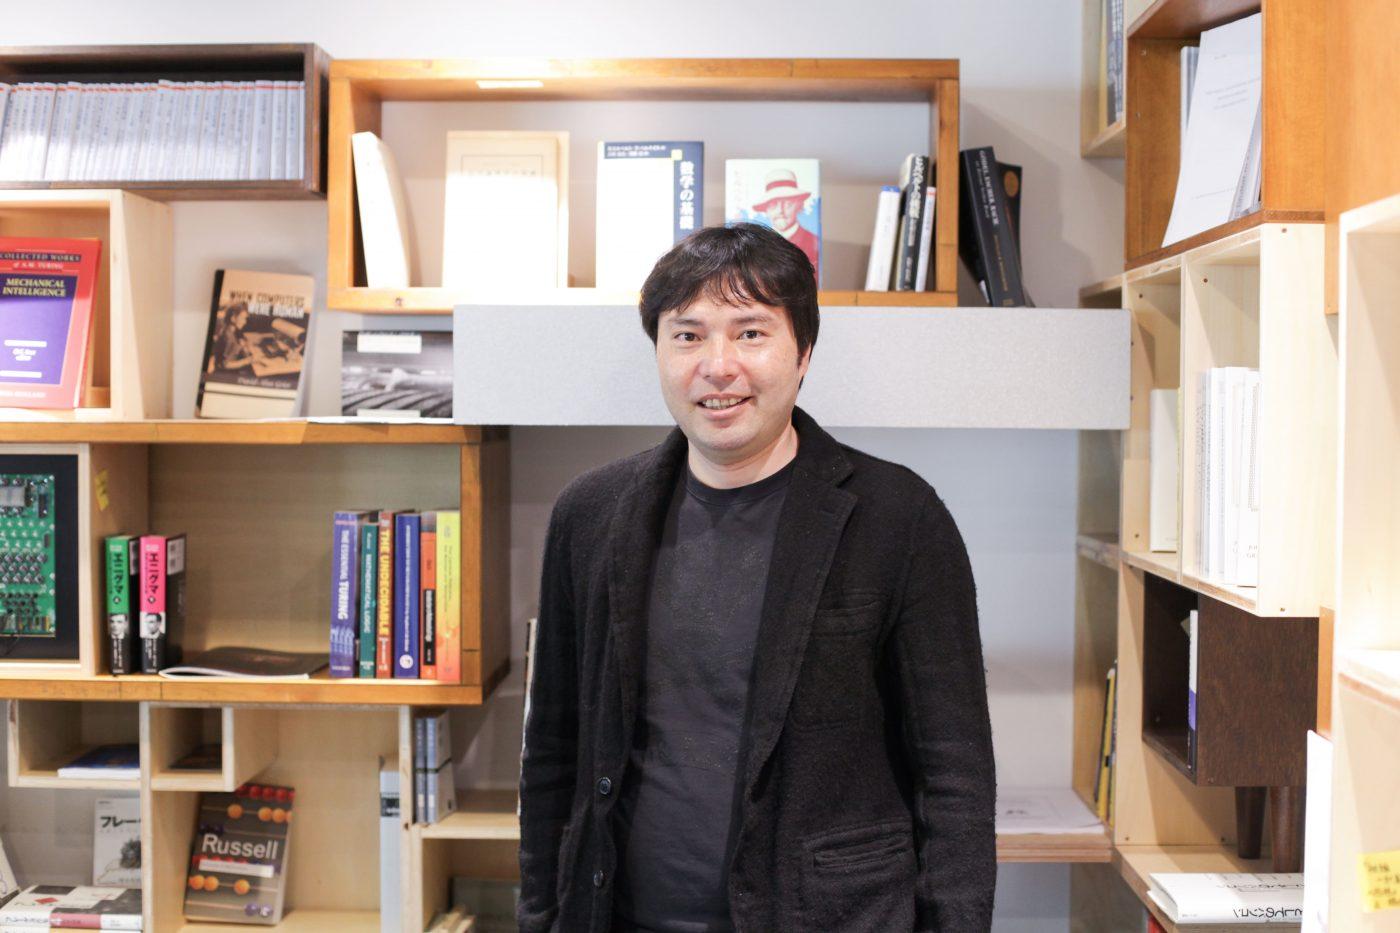 鈴木健(すずき・けん)スマートニュース株式会社代表取締役会長 共同CEO